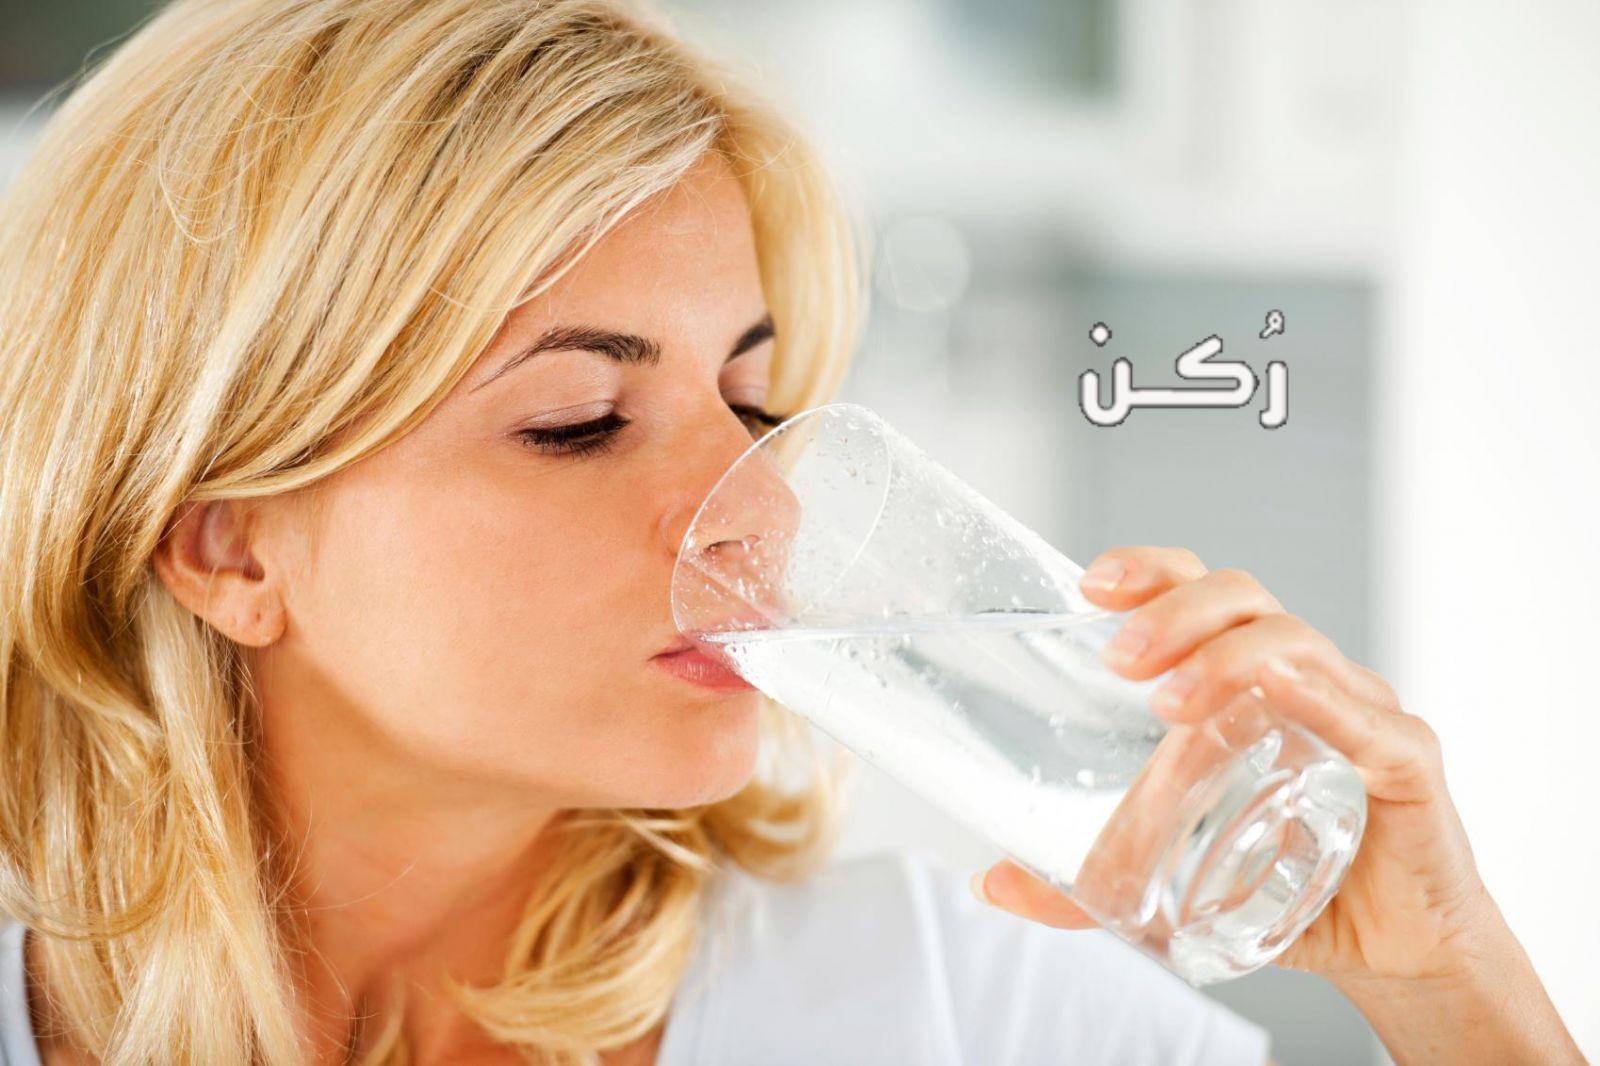 شرب الماء بعد الولادة القيصرية هل هو مضر؟